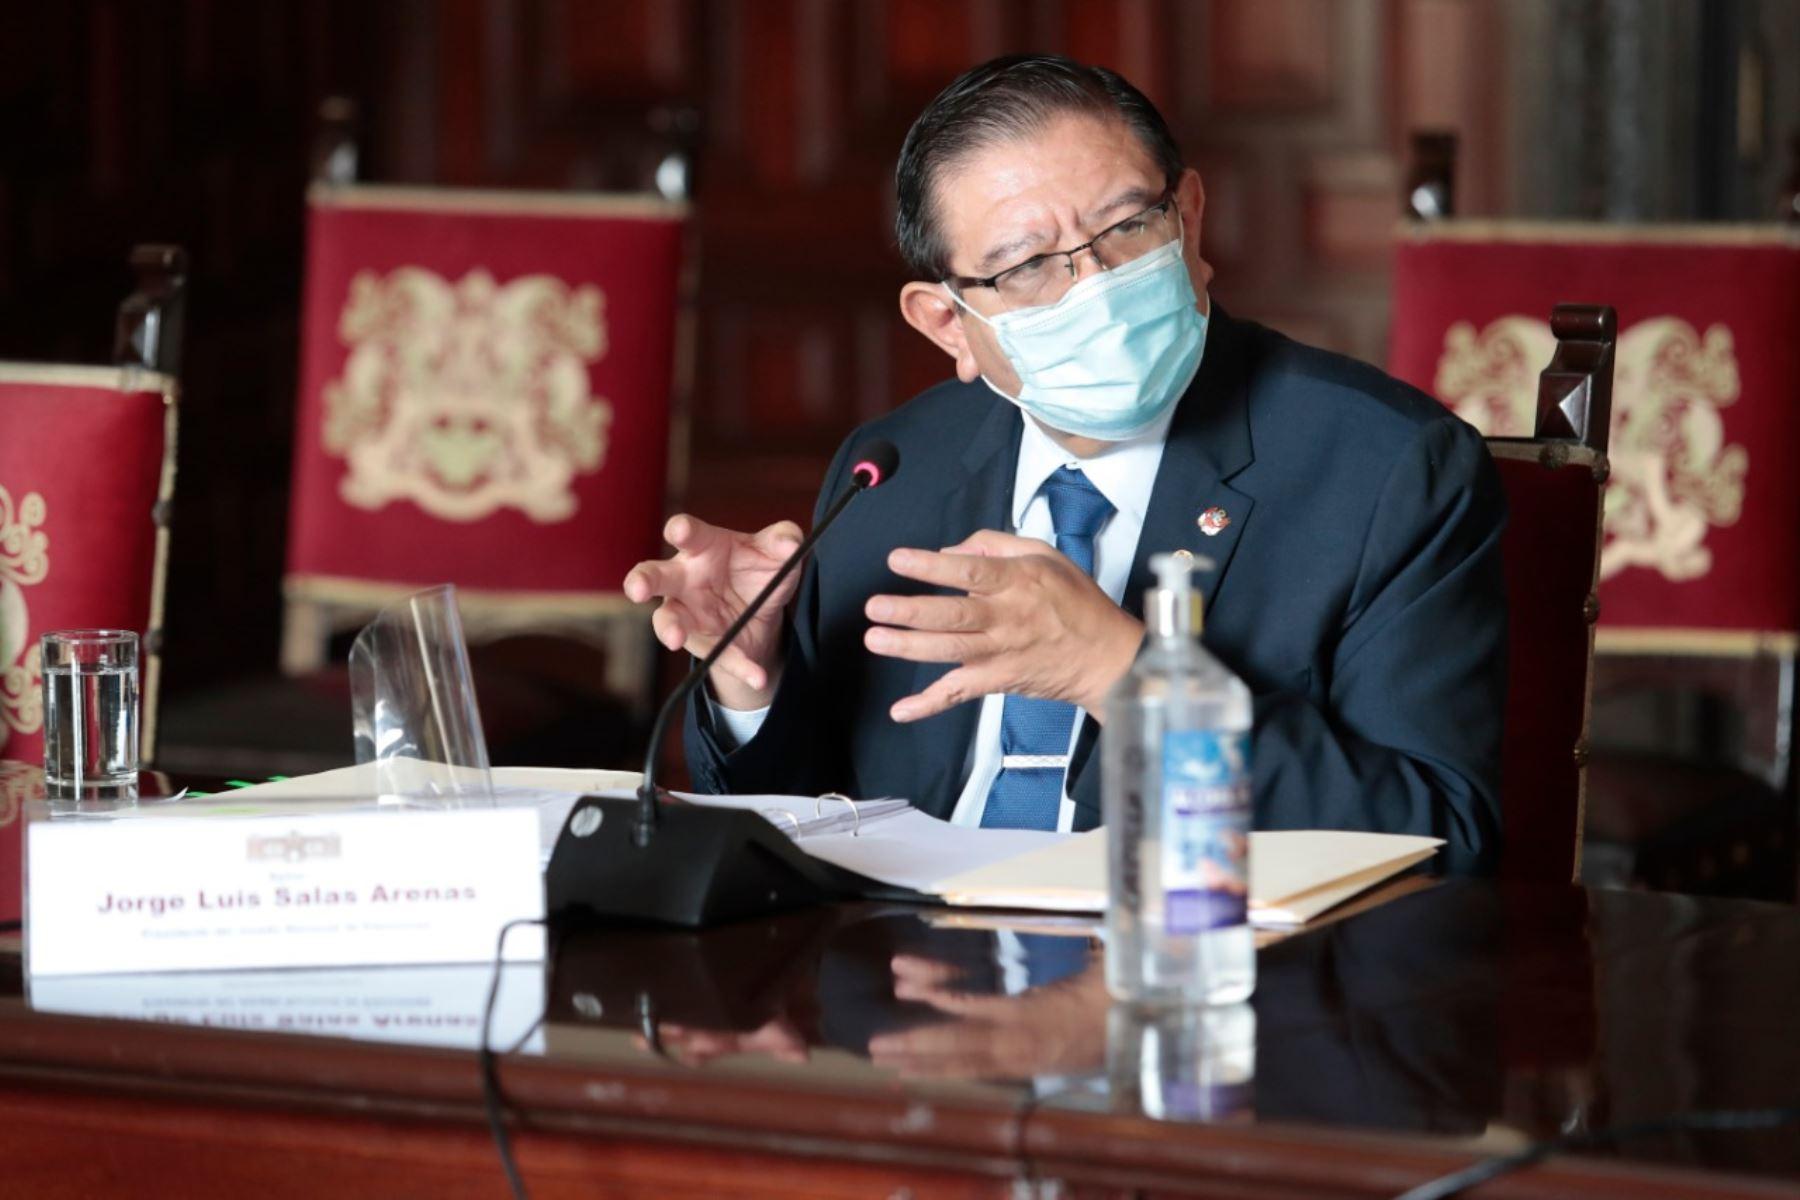 Jorge Luis Salas, presidente del JNE, participó en la reunión del Consejo de Estado.